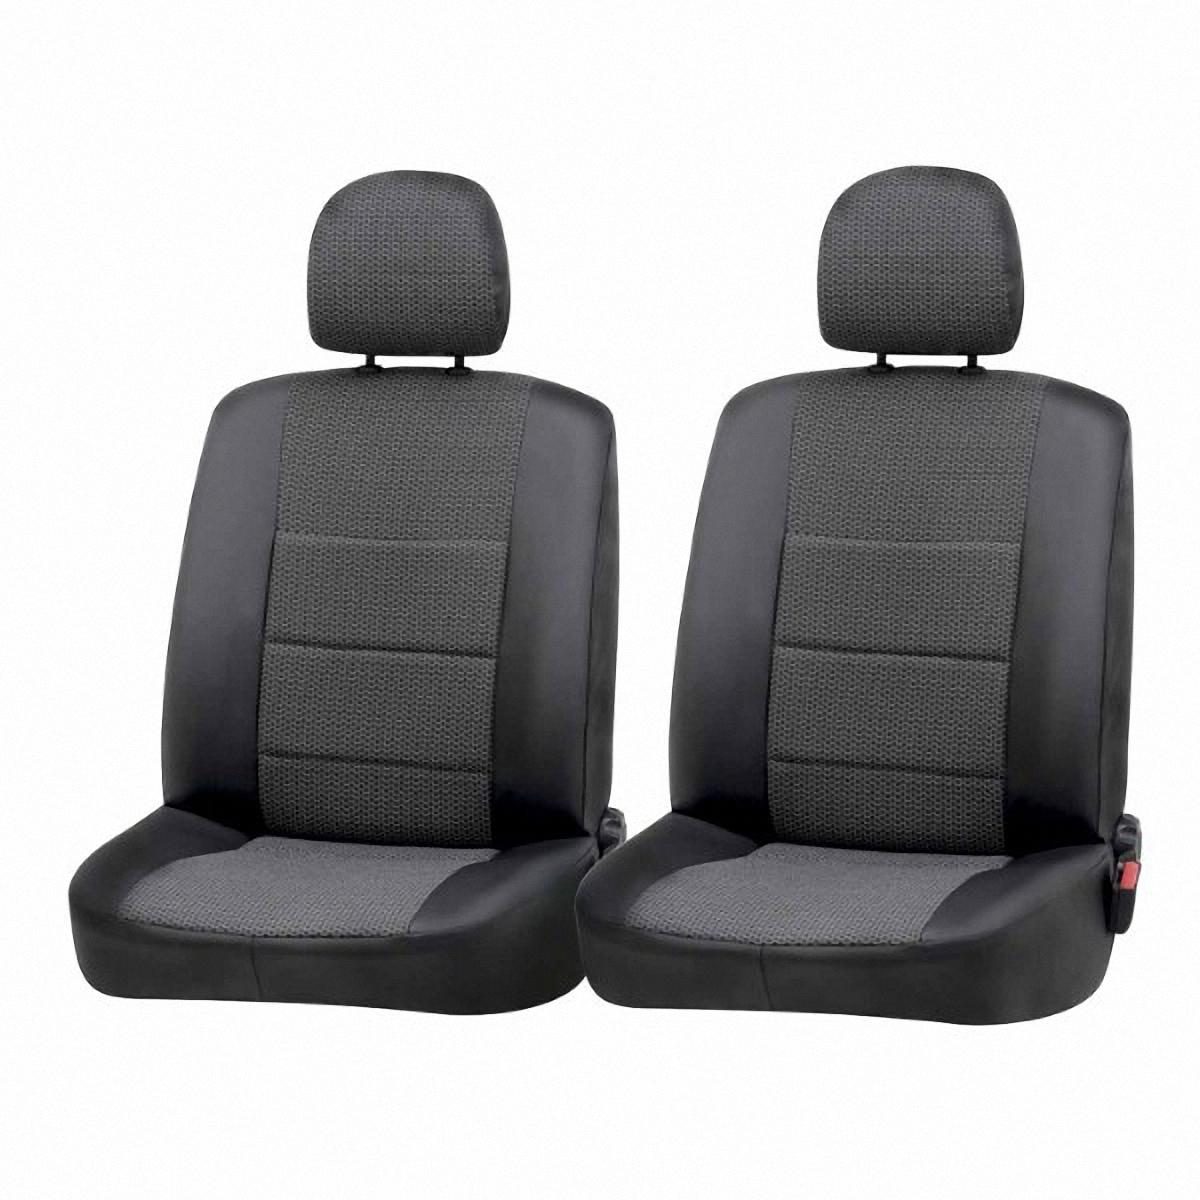 Чехлы автомобильные Skyway, для Chevrolet Niva 2014-, раздельный задний рядCh1-2КАвтомобильные чехлы Skyway изготовлены из качественного жаккарда и экокожи. Чехлы идеально повторяют штатную форму сидений и выглядят как оригинальная обивка сидений. Разработаны индивидуально для каждой модели автомобиля. Авточехлы Skyway просты в уходе - загрязнения легко удаляются влажной тканью. Чехлы имеют раздельную схему надевания. В комплекте 12 предметов.